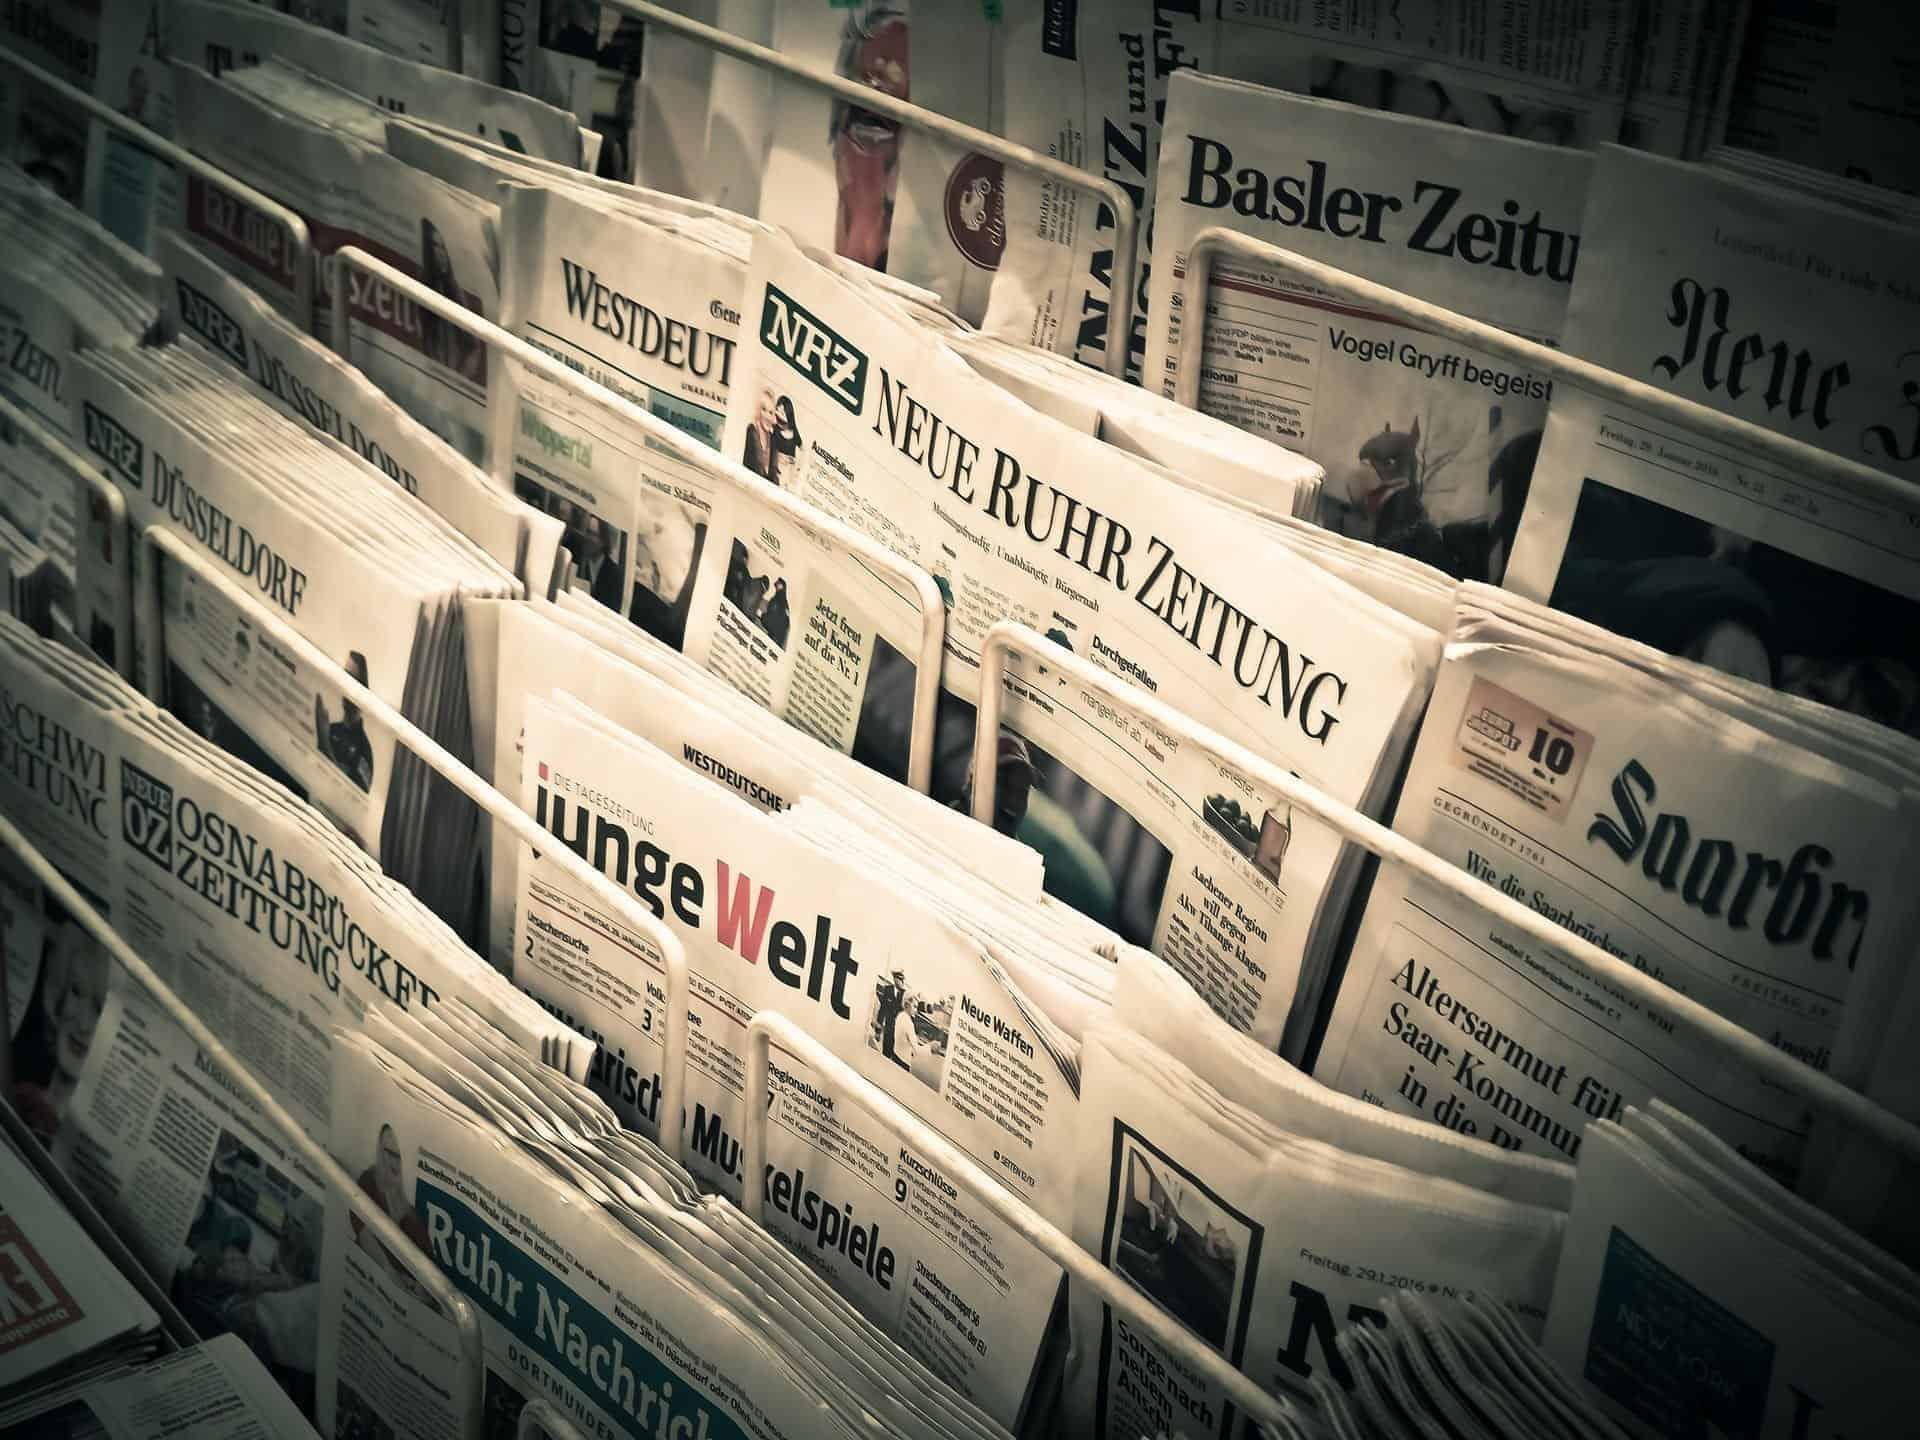 Akquise für Handwerker und Industrie - Anzeige in Zeitschriften